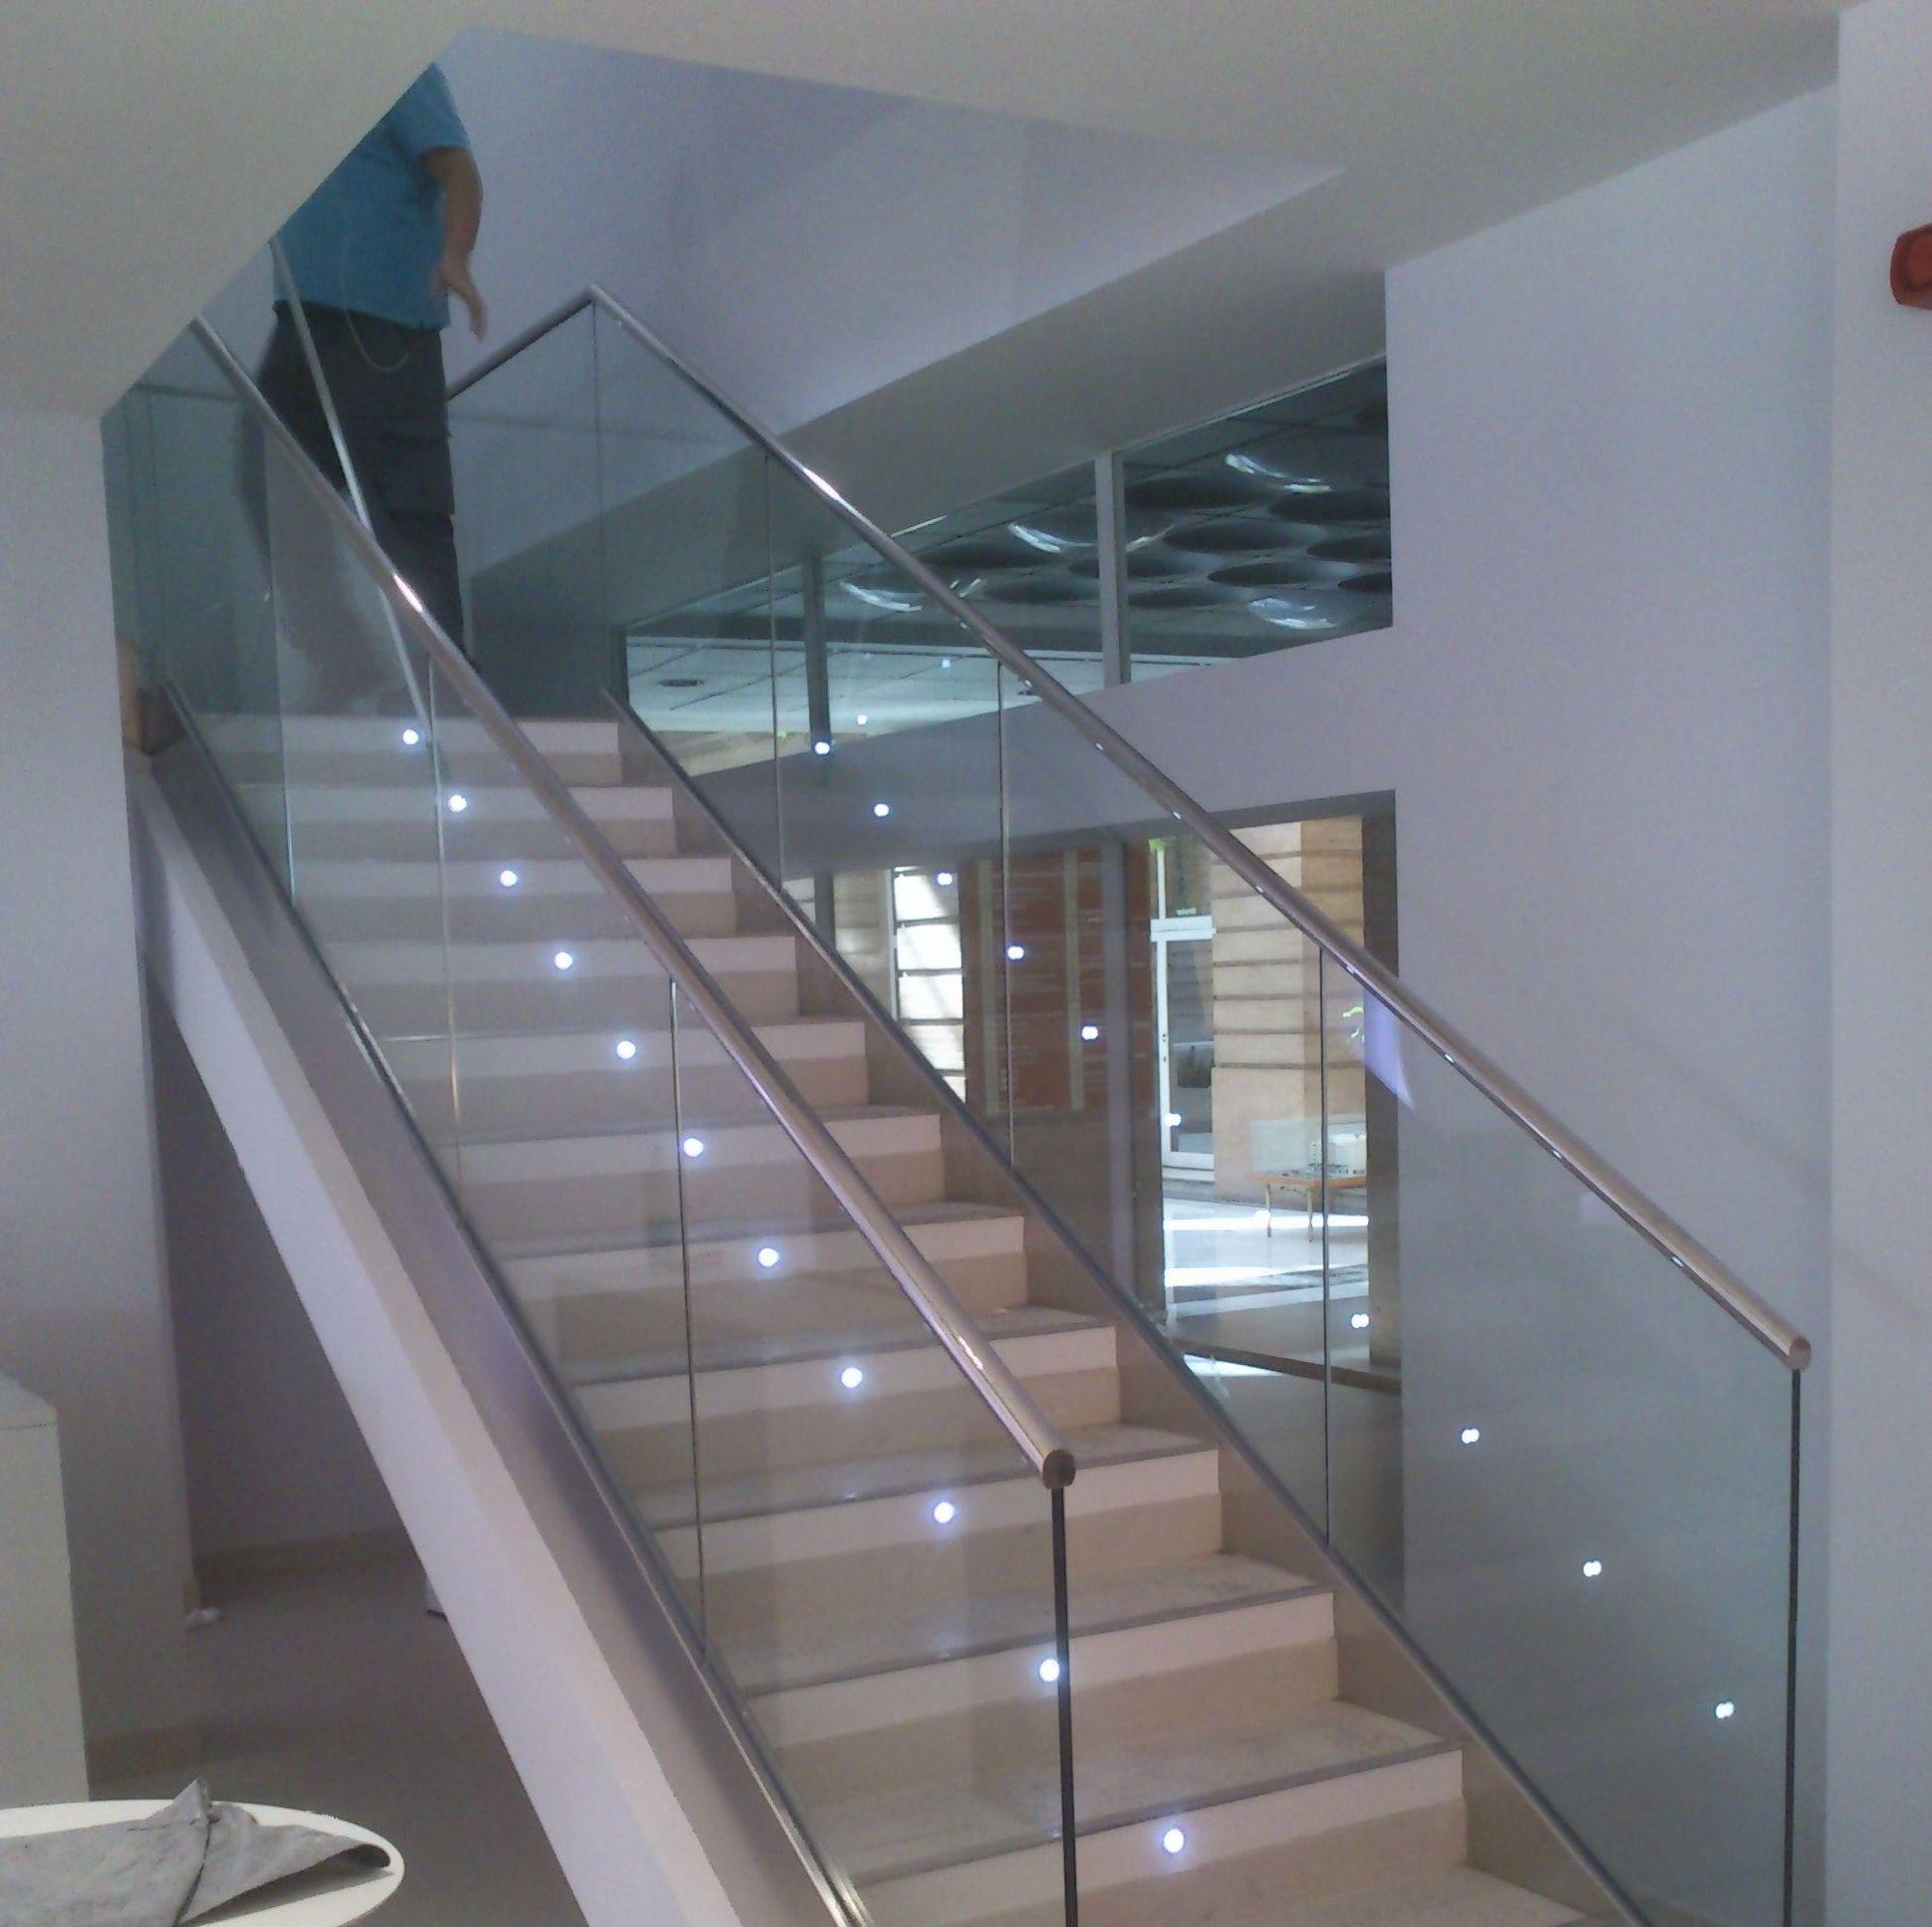 Foto 34 de Especialistas en diseños y proyectos en acero inoxidable en Alcalá de Guadaíra | Icminox